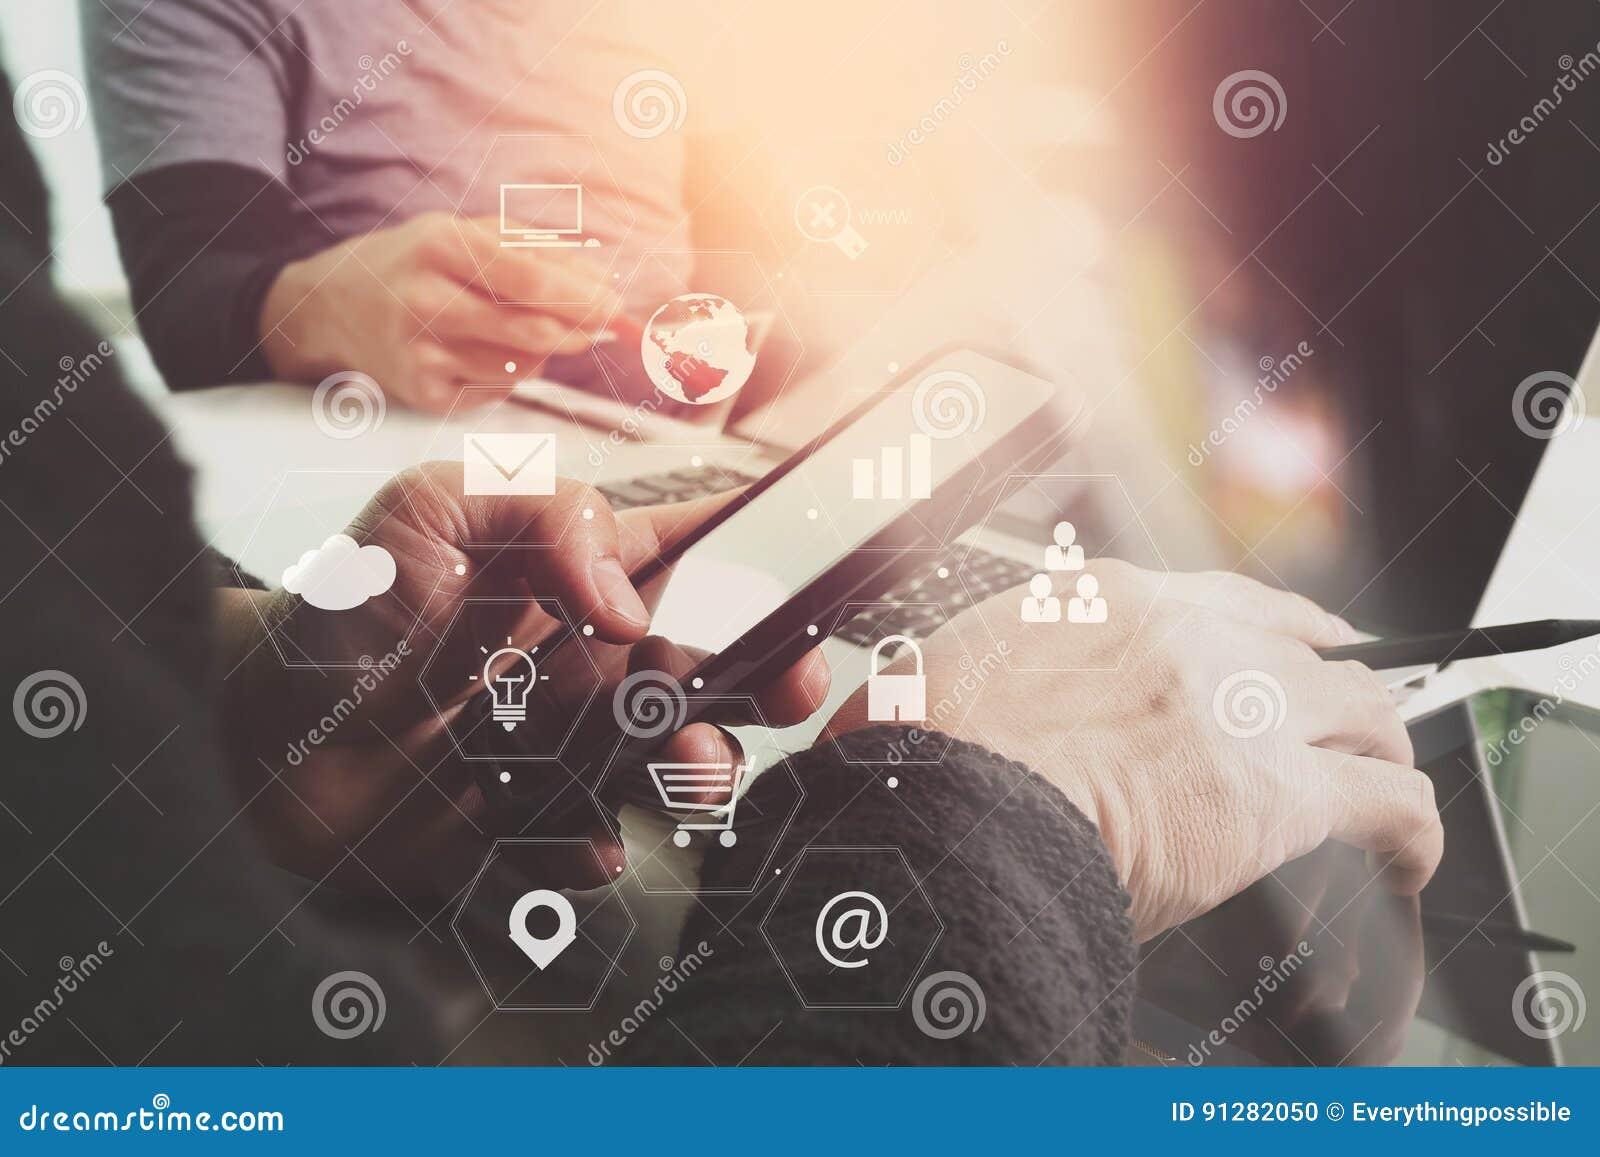 För lagmöte för Co funktionsdugligt begrepp, affärsman som använder den smarta telefonen